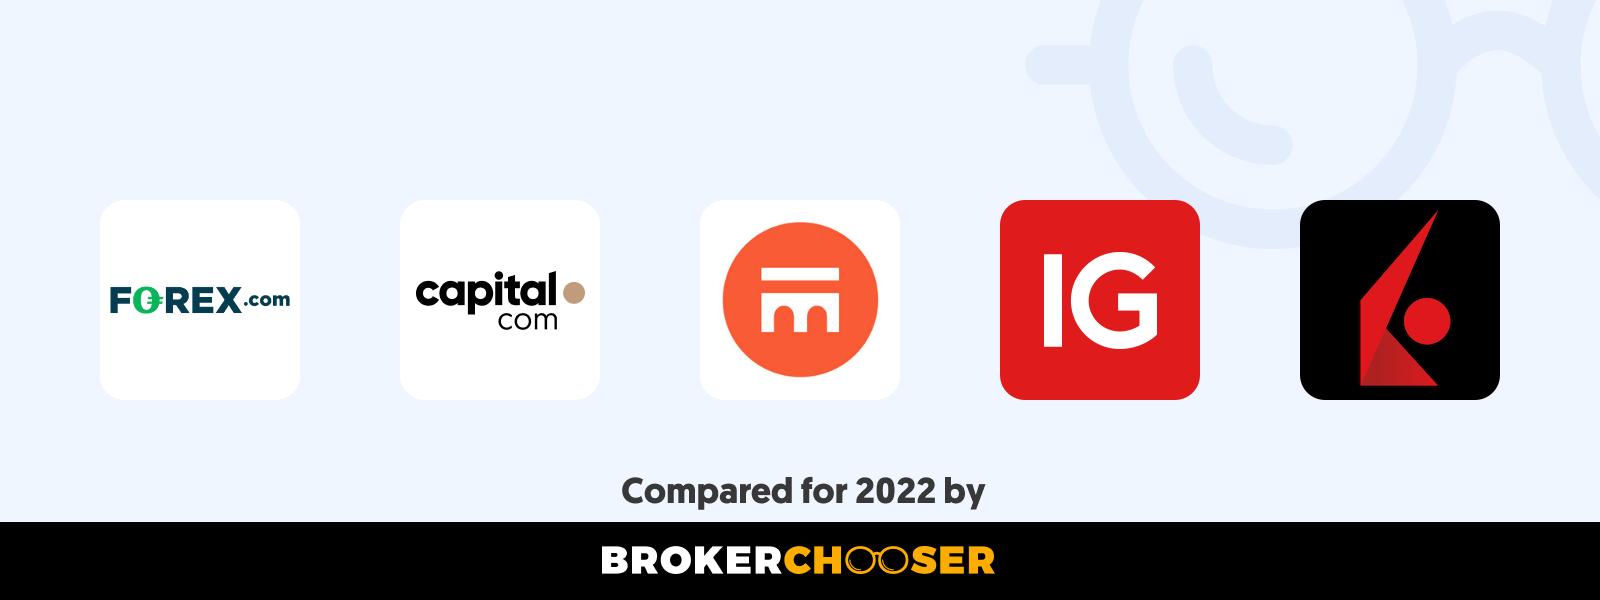 Best forex brokers for beginners in Kyrgyzstan in 2021